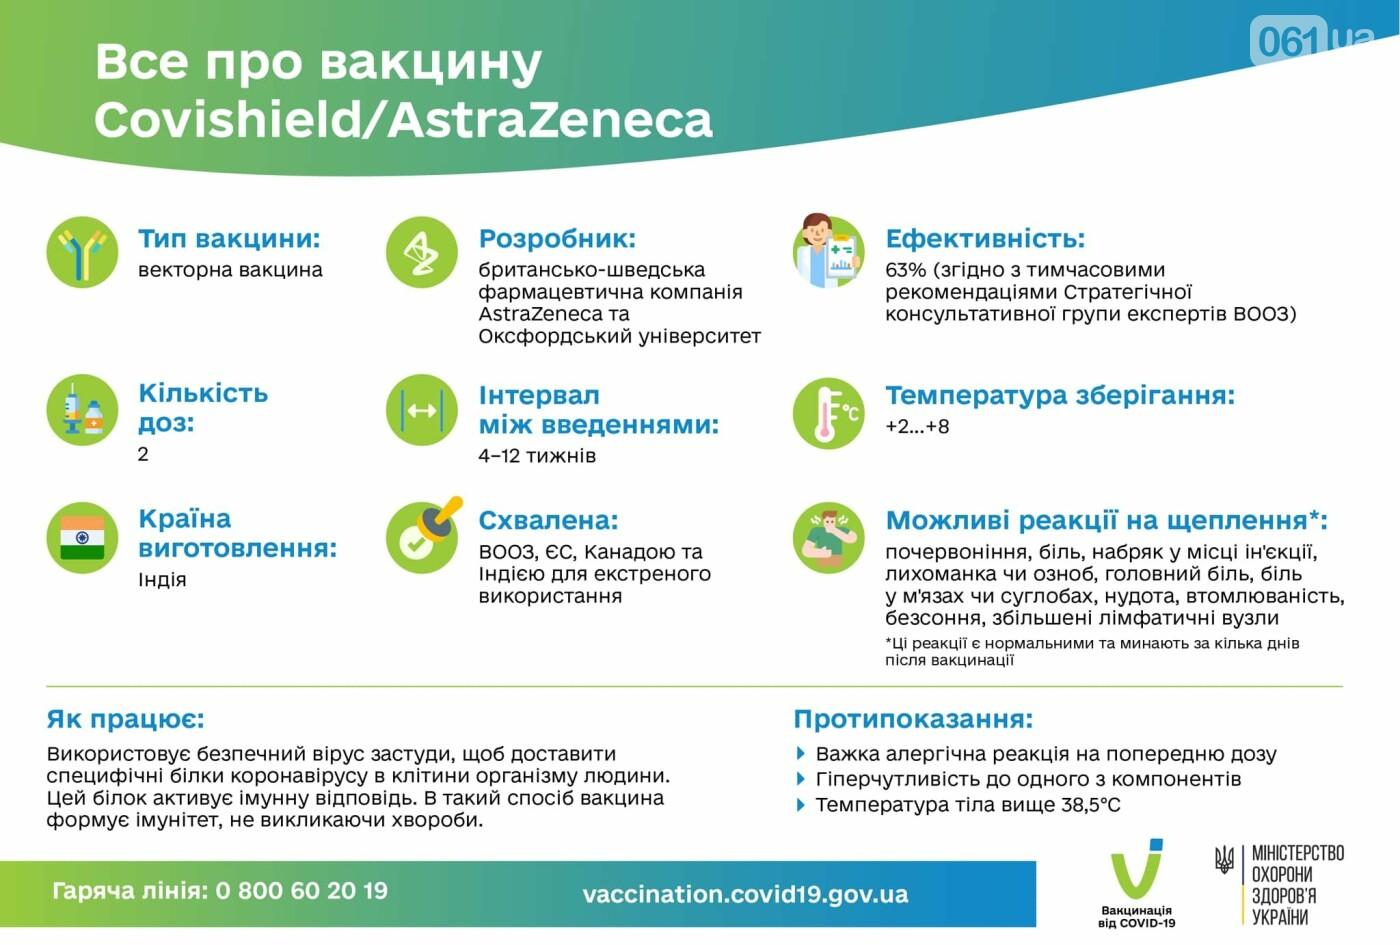 Персонал Запорожской АЭС вакцинируют от COVID-19 - начнут с руководства предприятия , фото-1